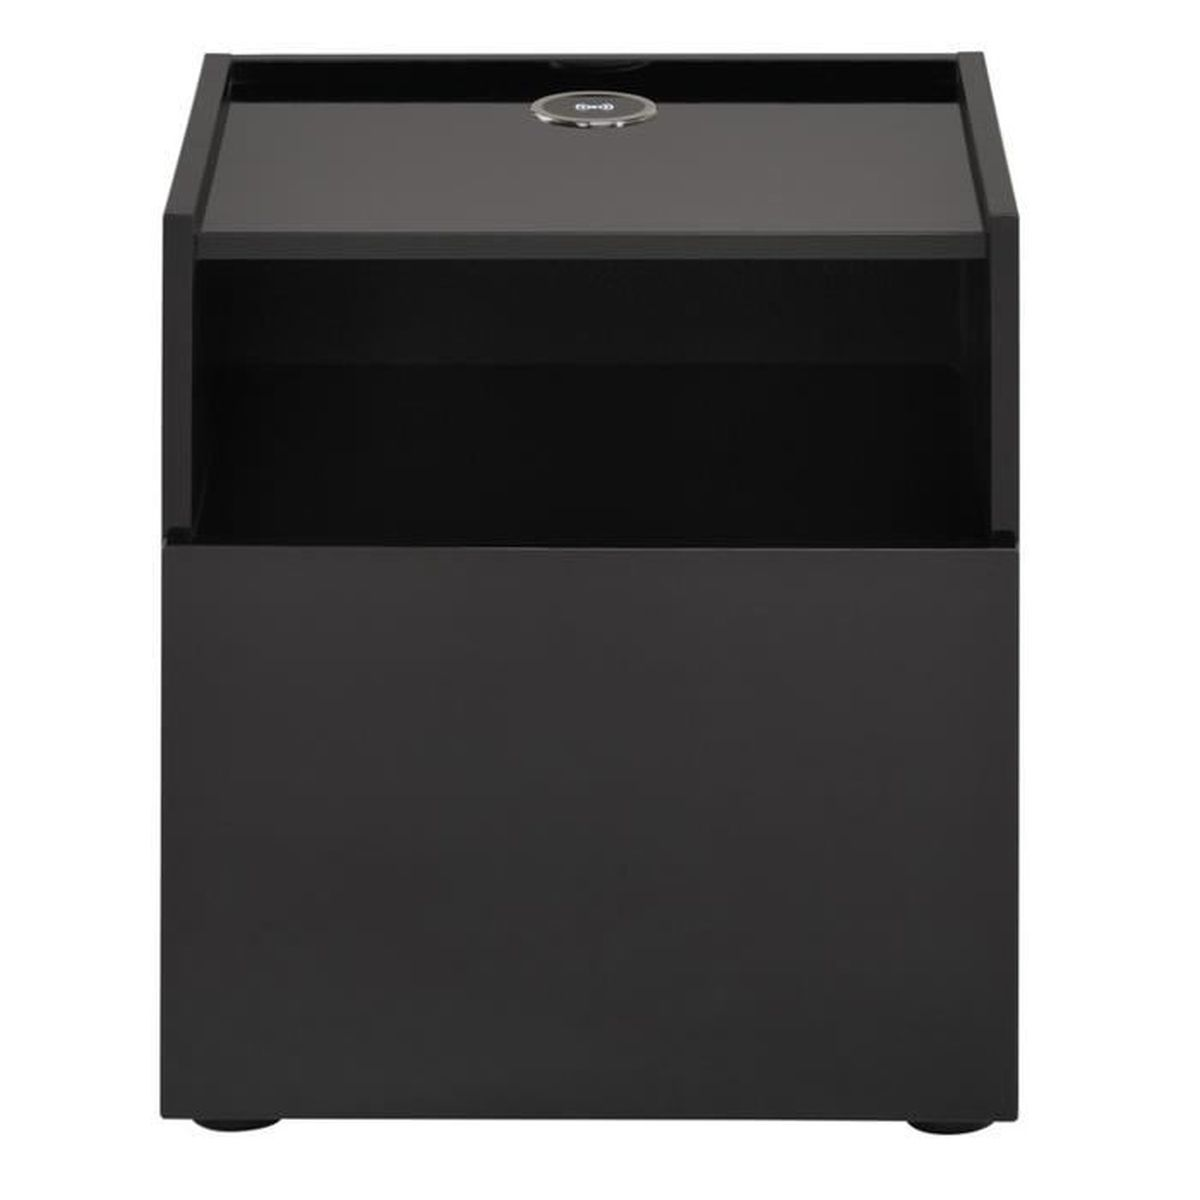 table de chevet noir brillant - achat / vente table de chevet noir